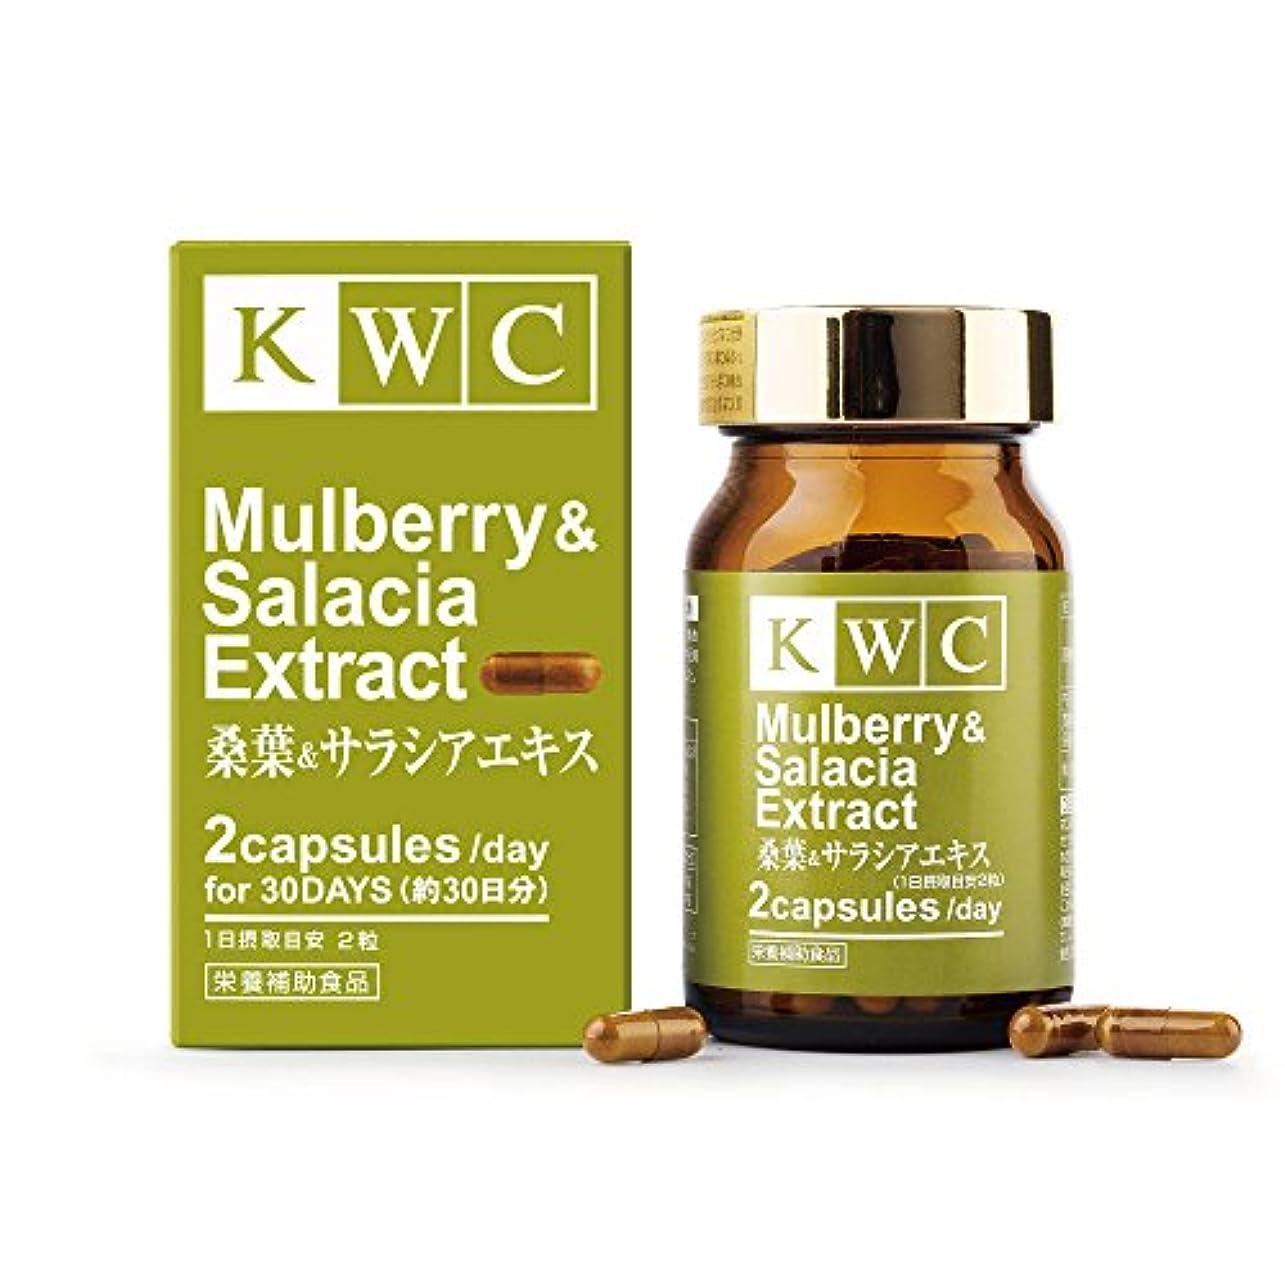 ジョリー具体的に展望台KWC 桑葉&サラシアエキス サプリメント 約30日分 60粒